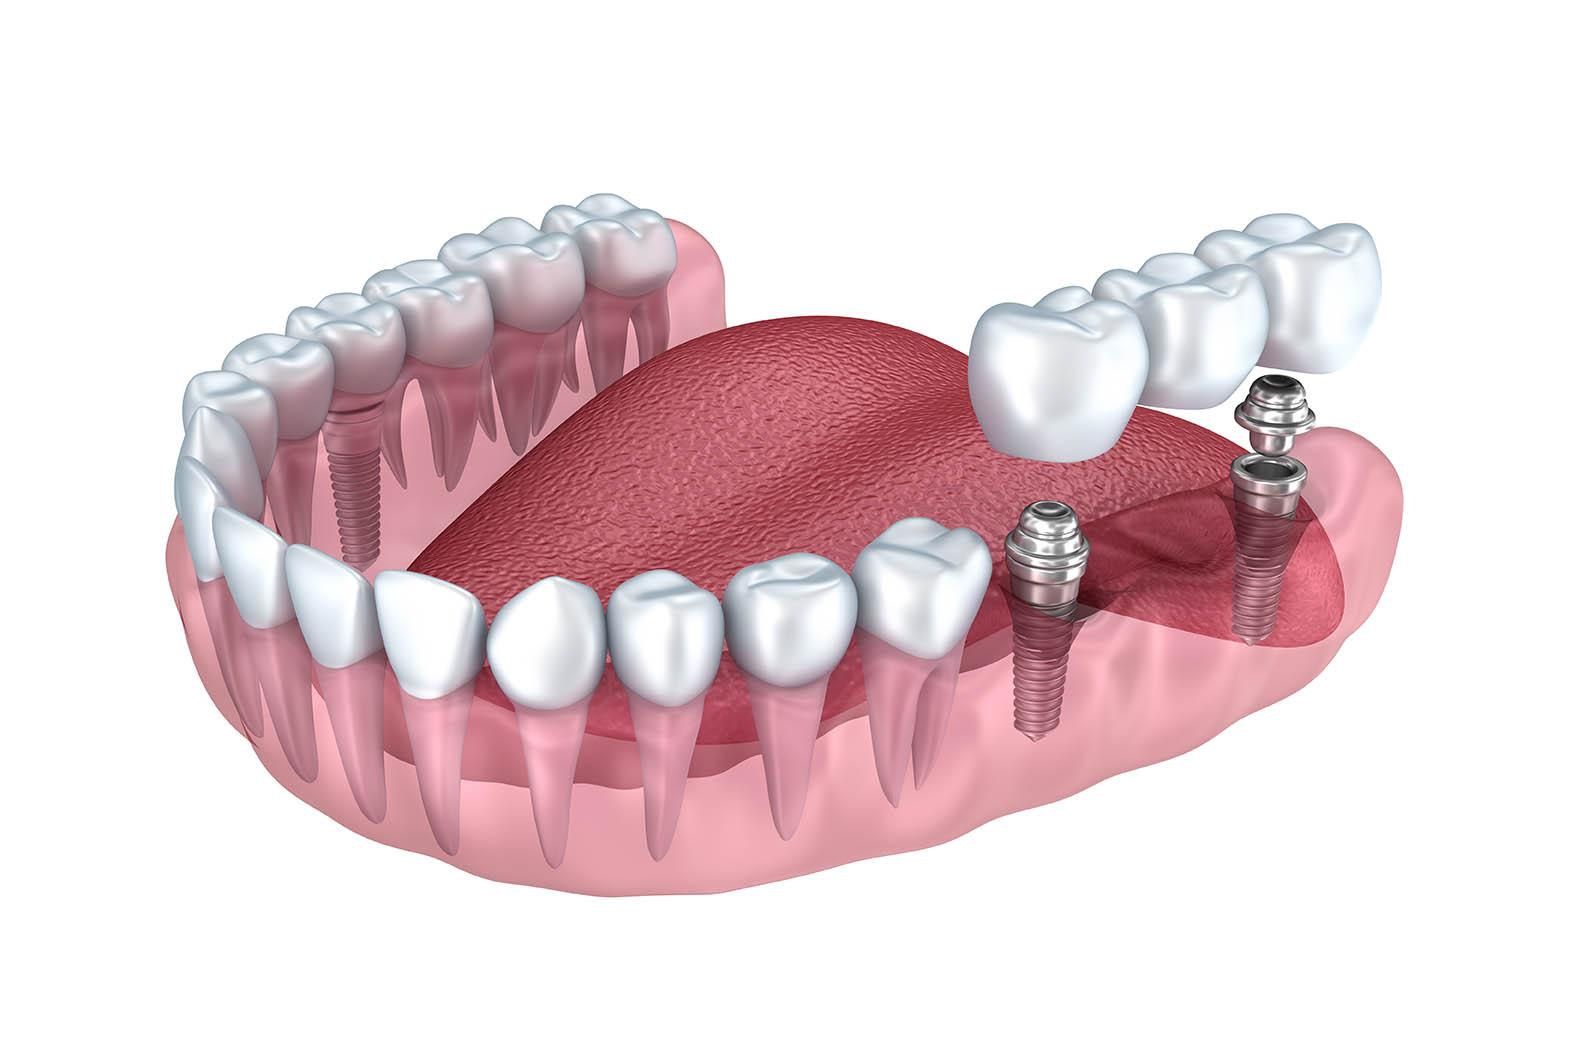 Implant dentaire : quelle est la durée de vie de cette pièce ?